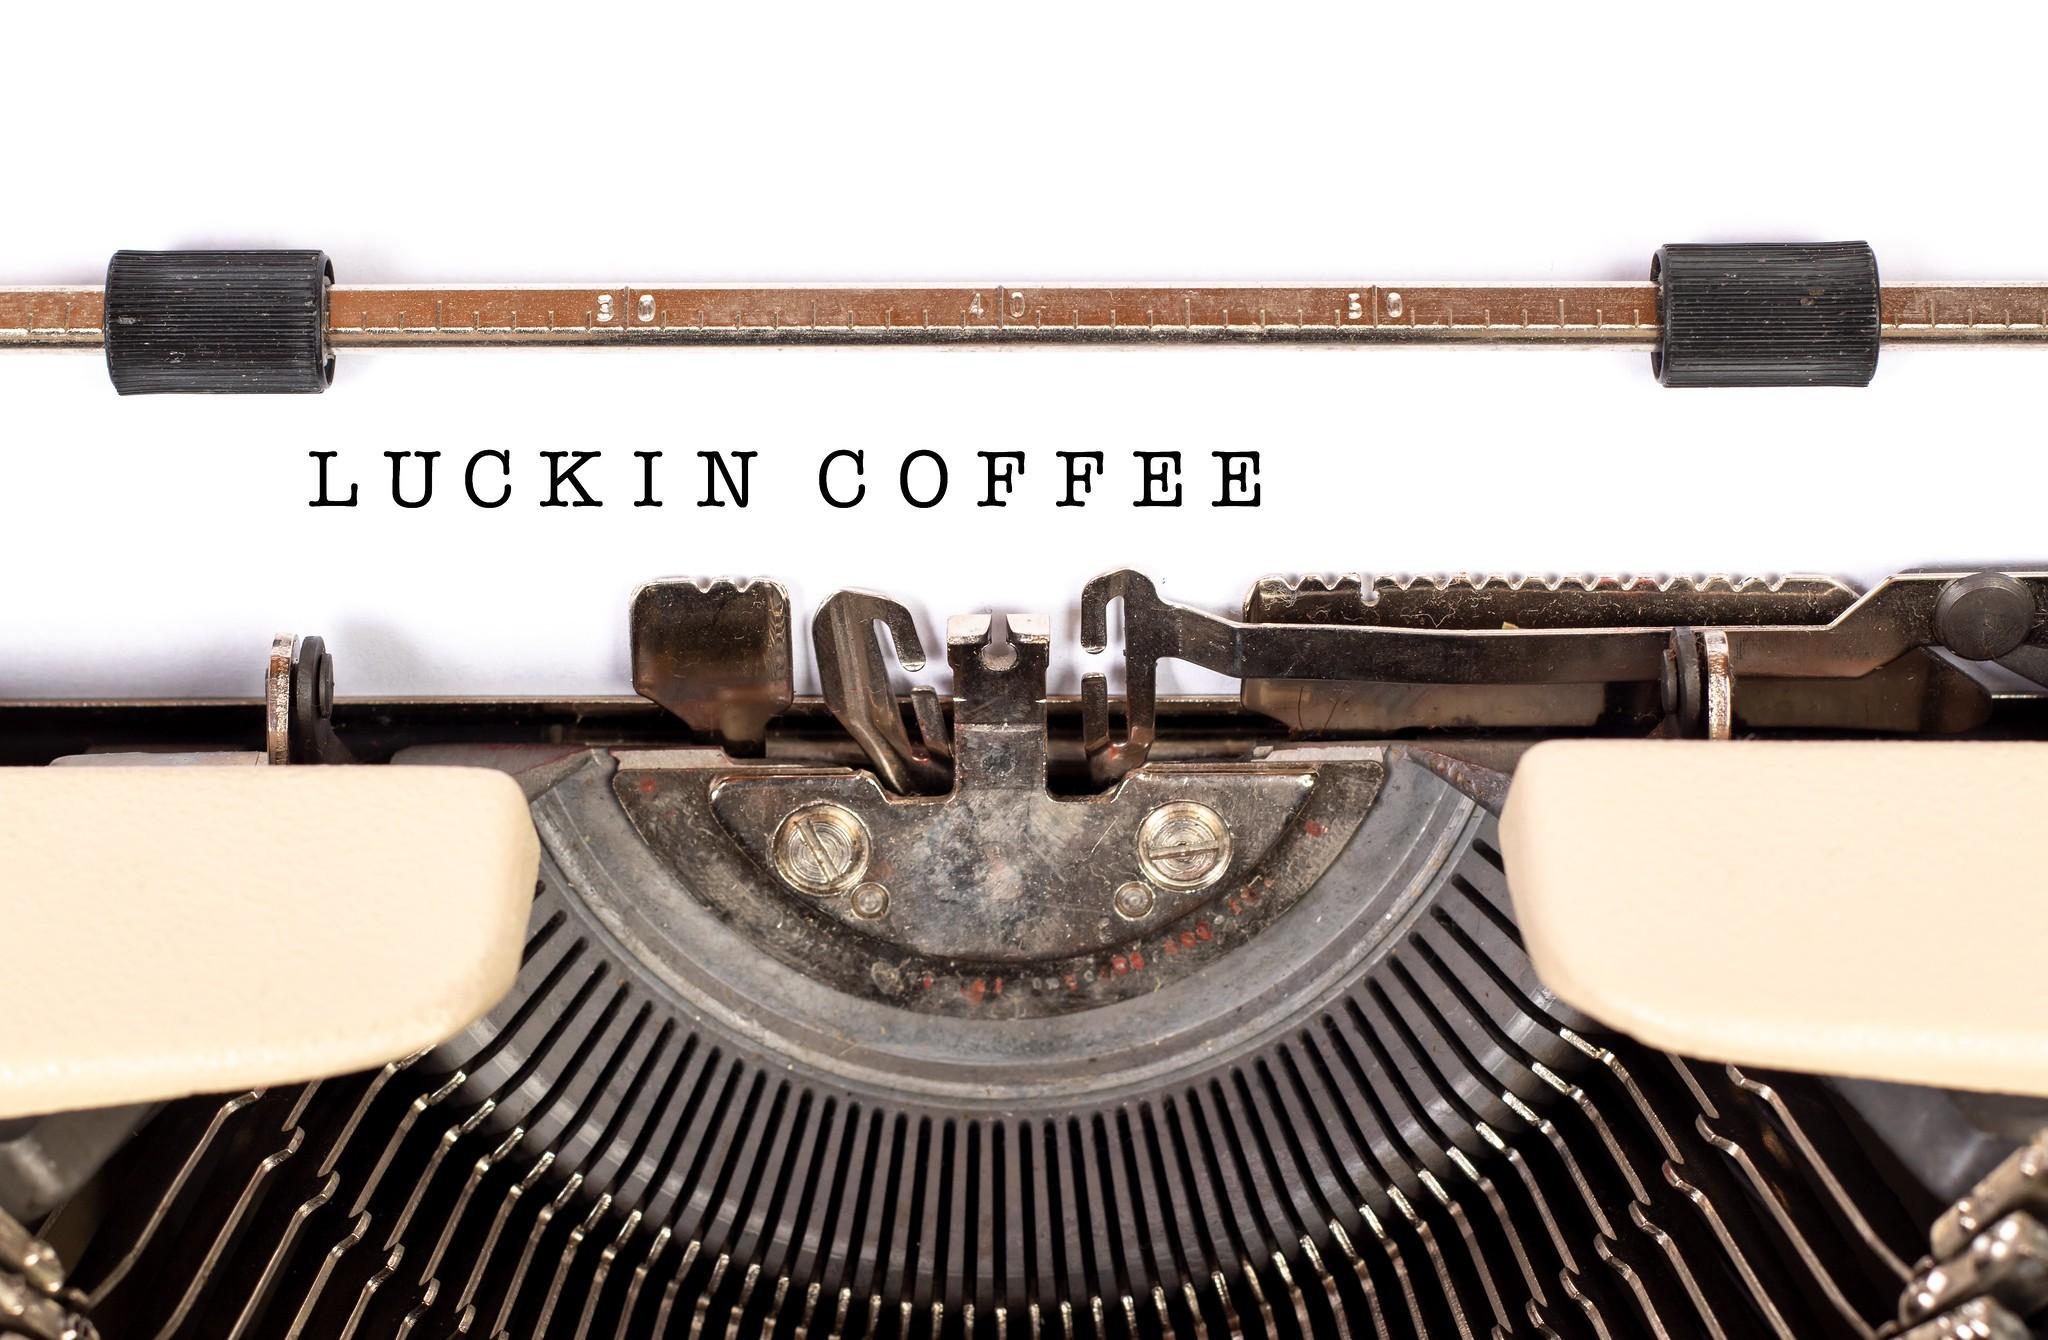 瑞幸能盈利嗎?從數據解讀「瑞幸咖啡」瘋狂開店的秘密